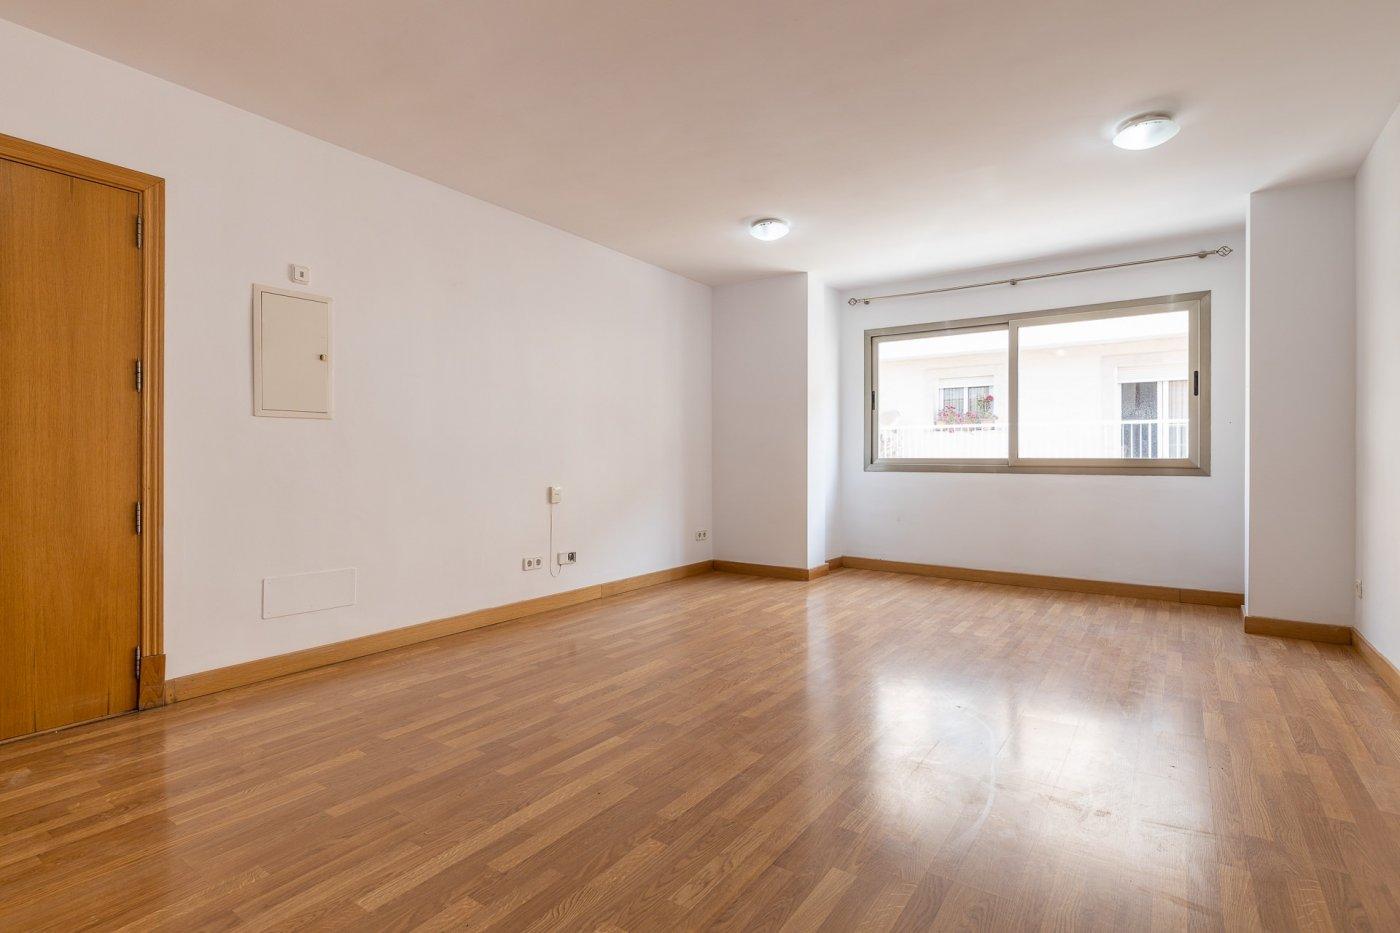 Piso de 3 habitaciones en son cotoner, palma - imagenInmueble7